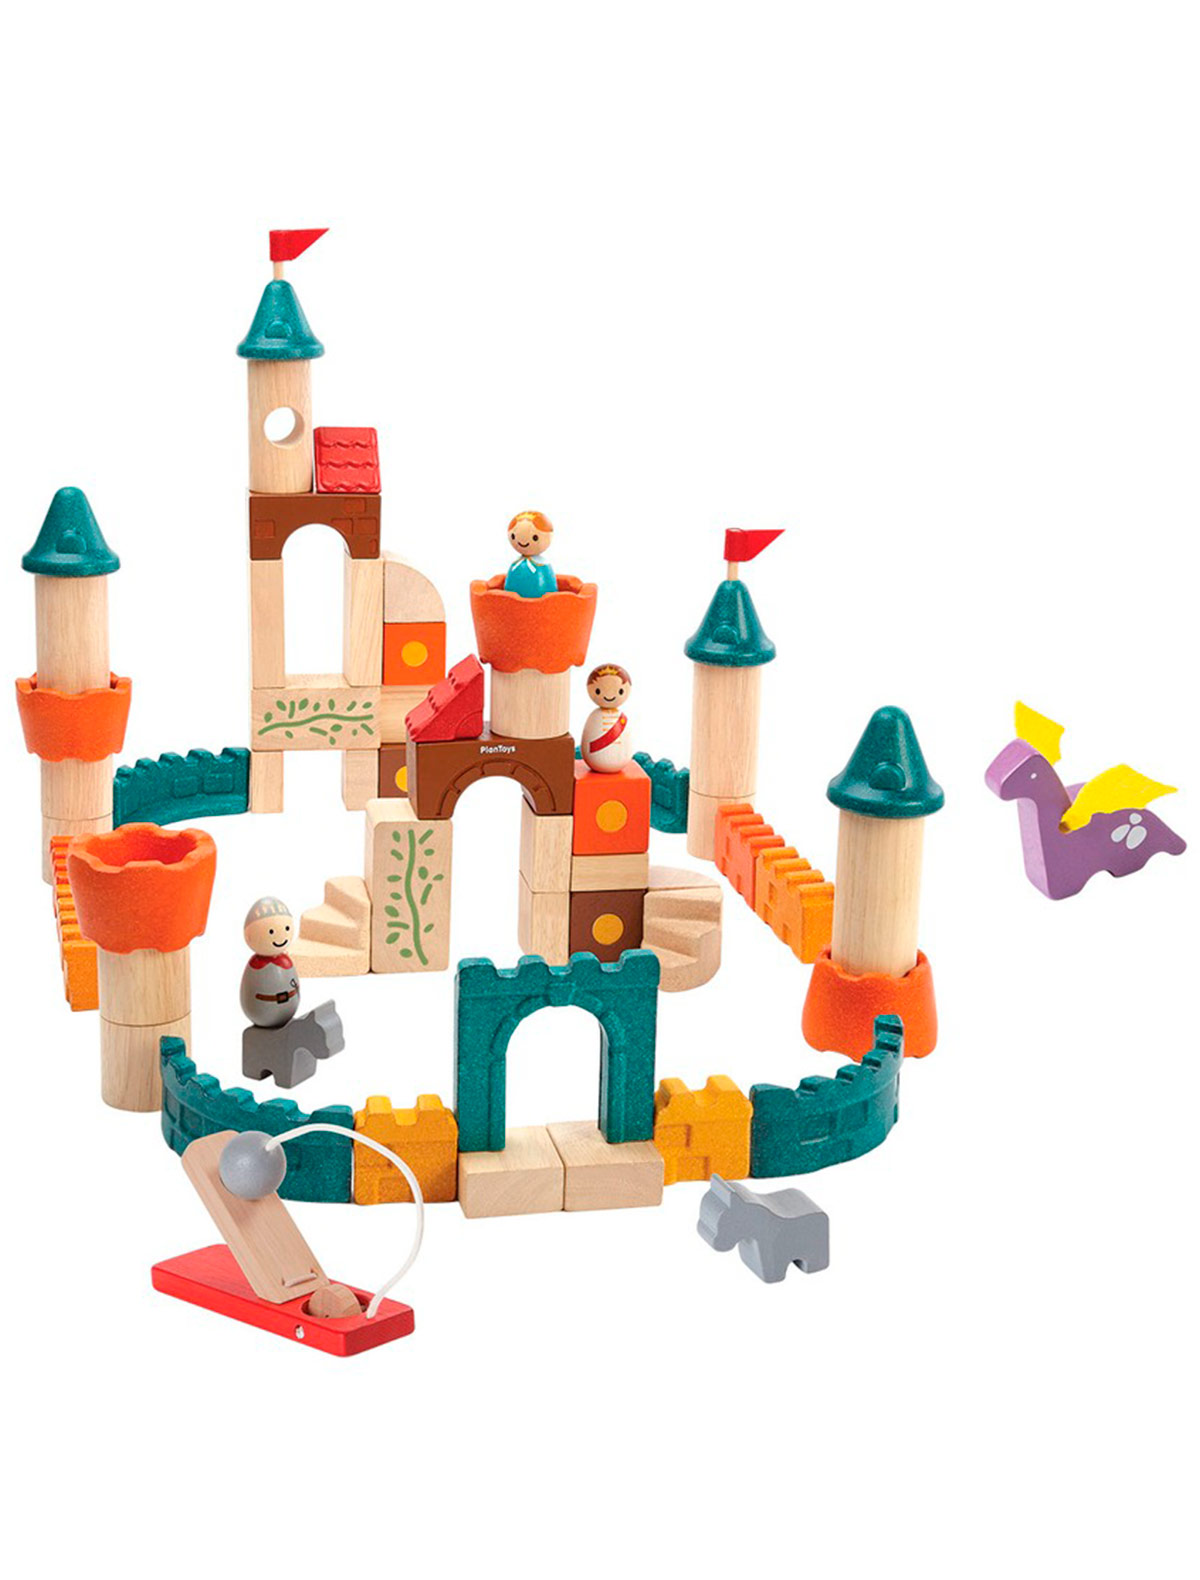 Купить 2135076, Игрушка PLAN TOYS, разноцветный, 7132529980693